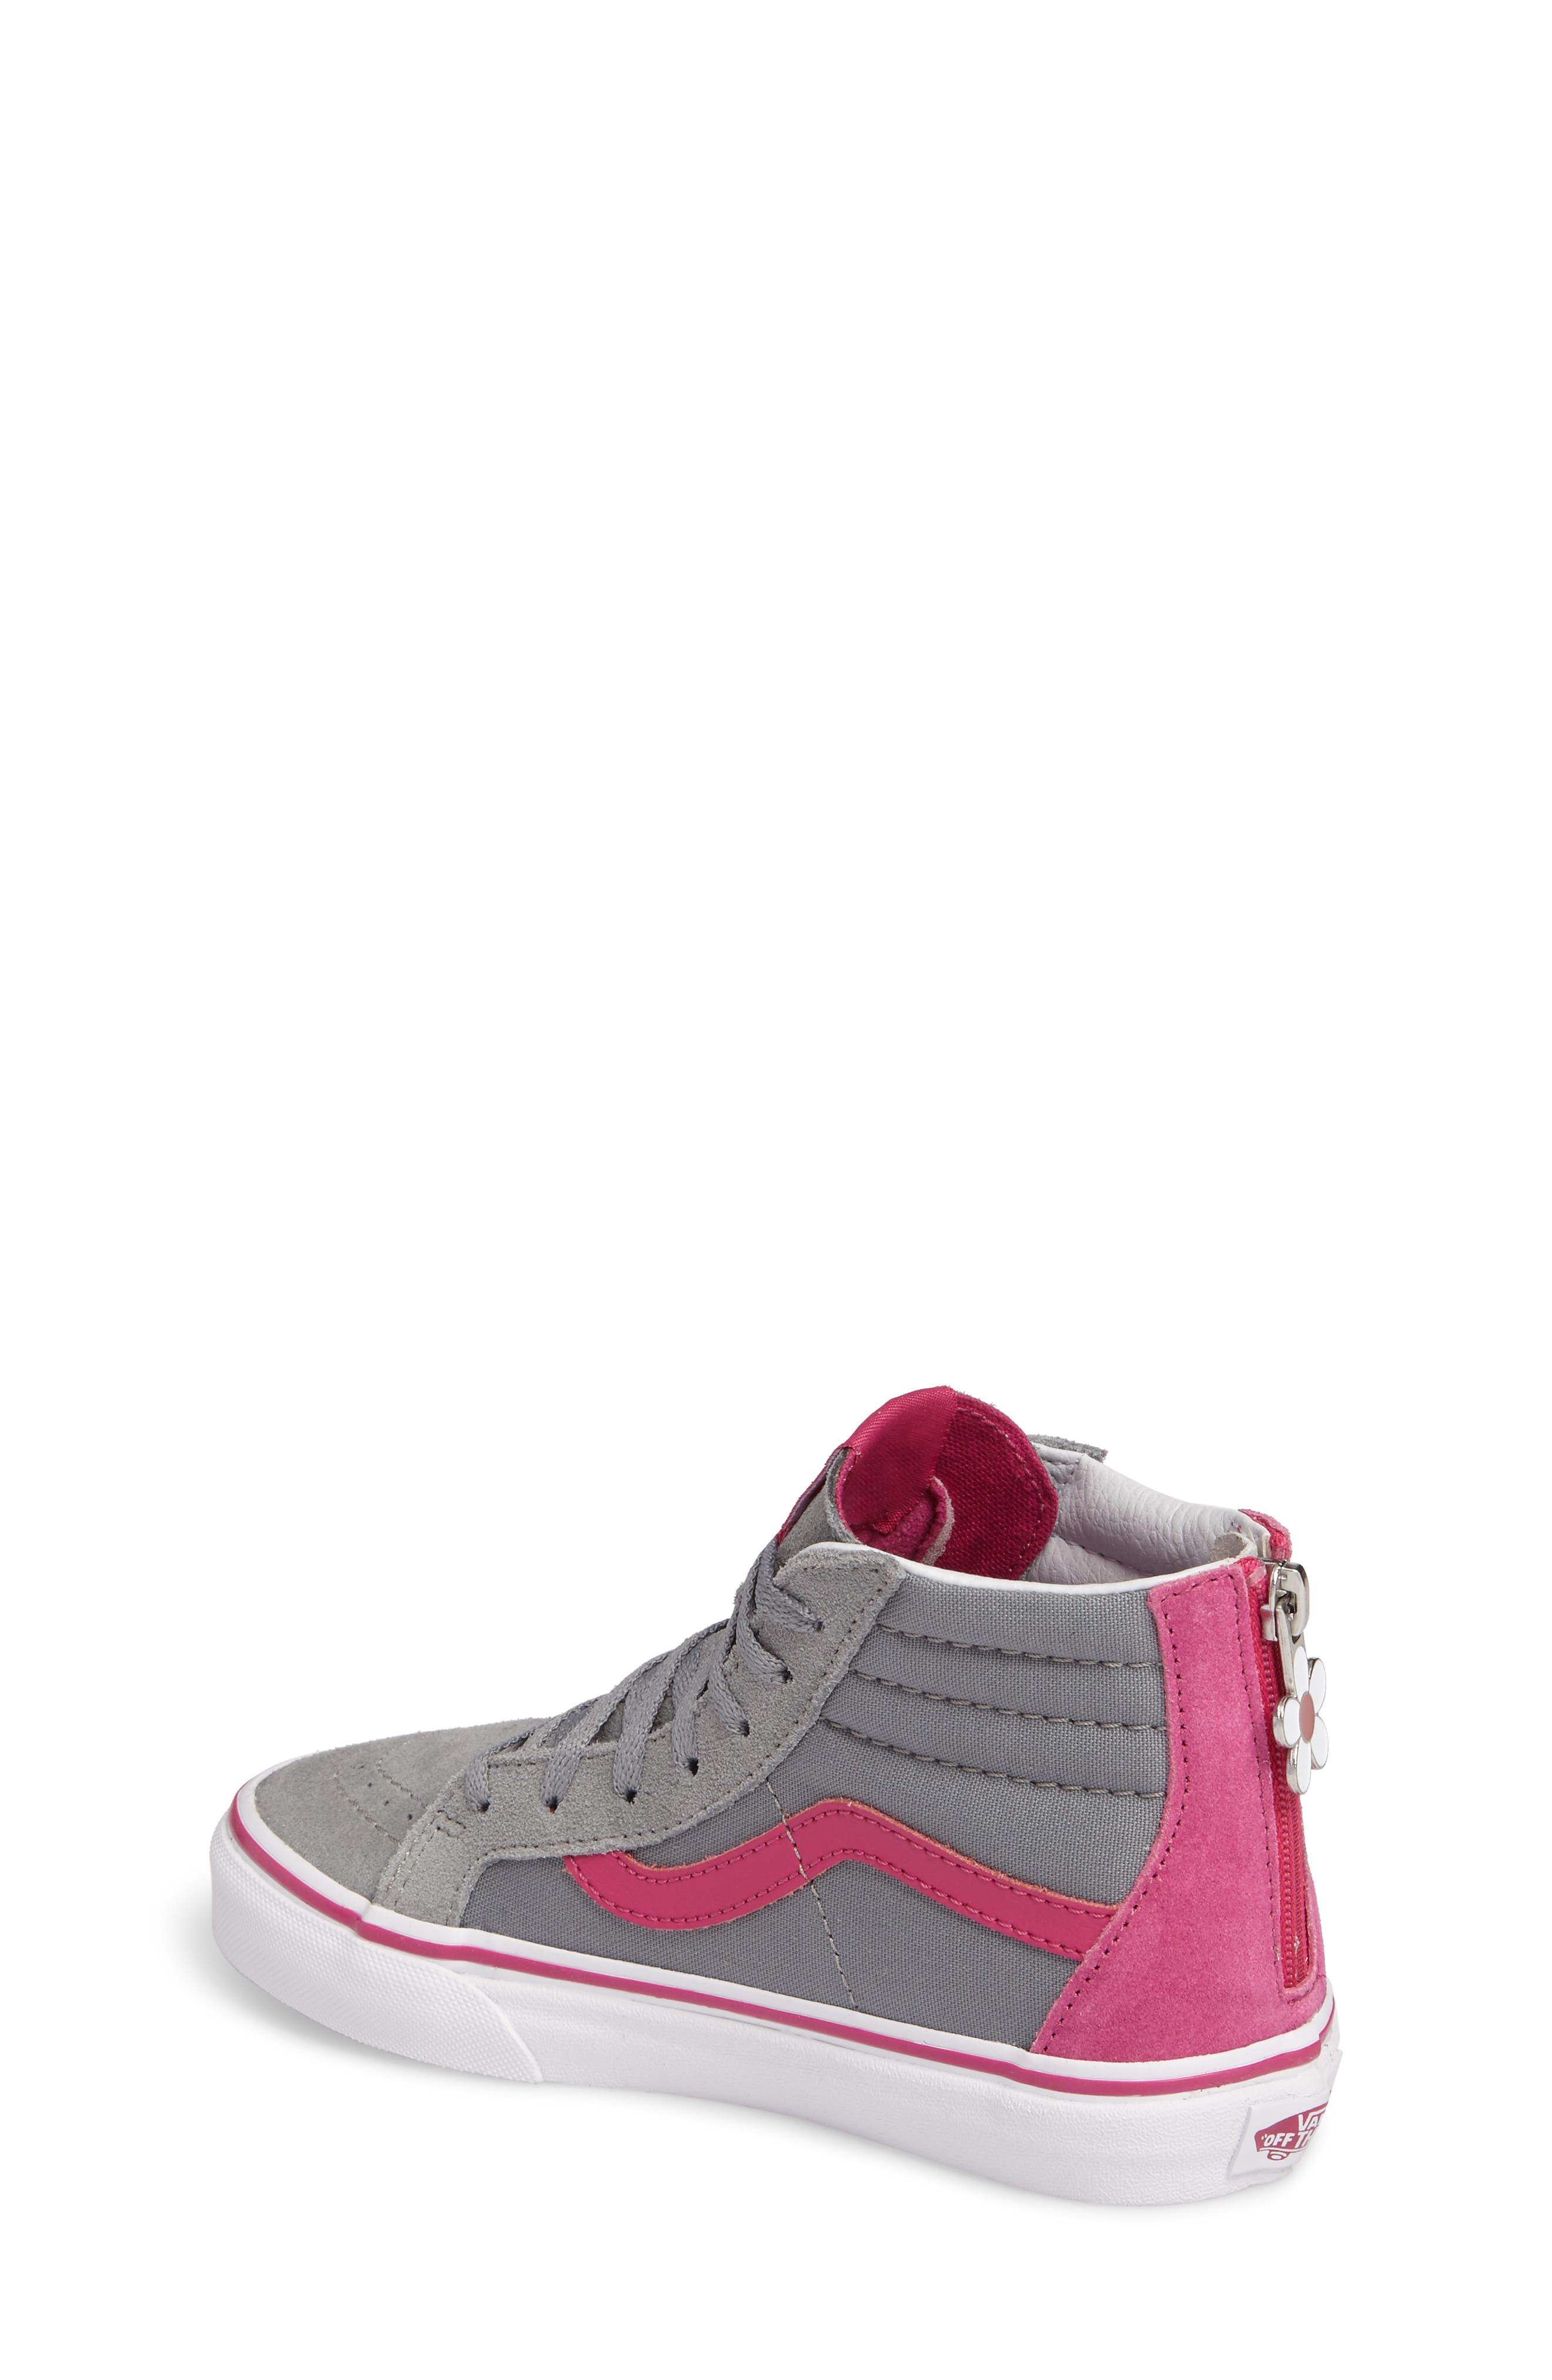 SK8-Hi Zip-Up Sneaker,                             Alternate thumbnail 2, color,                             650